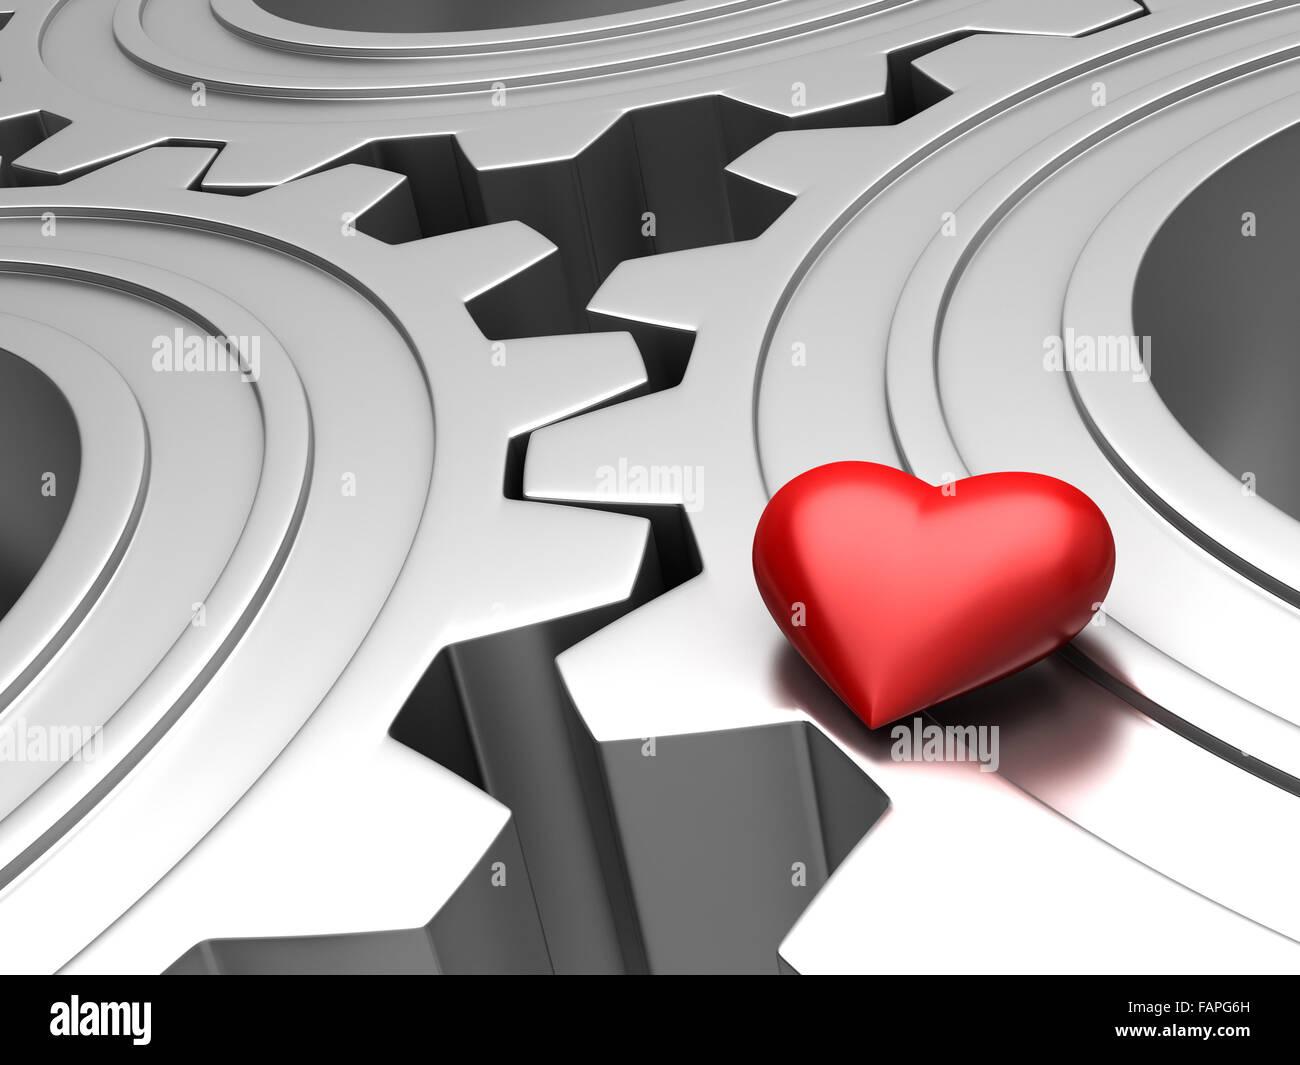 3d render of red heart over metallic gears - Stock Image